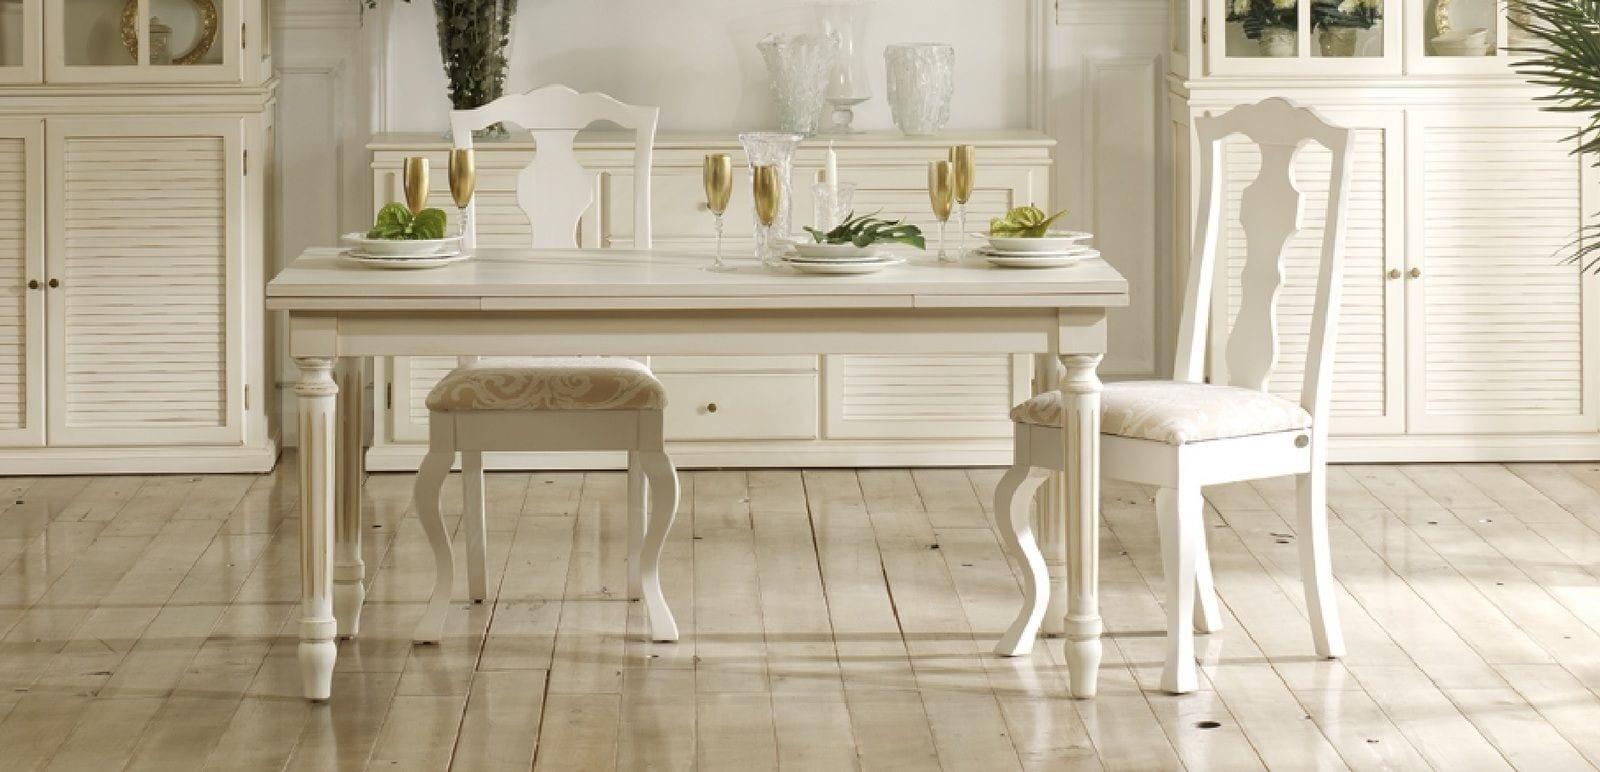 La importancia de las sillas en la decoración